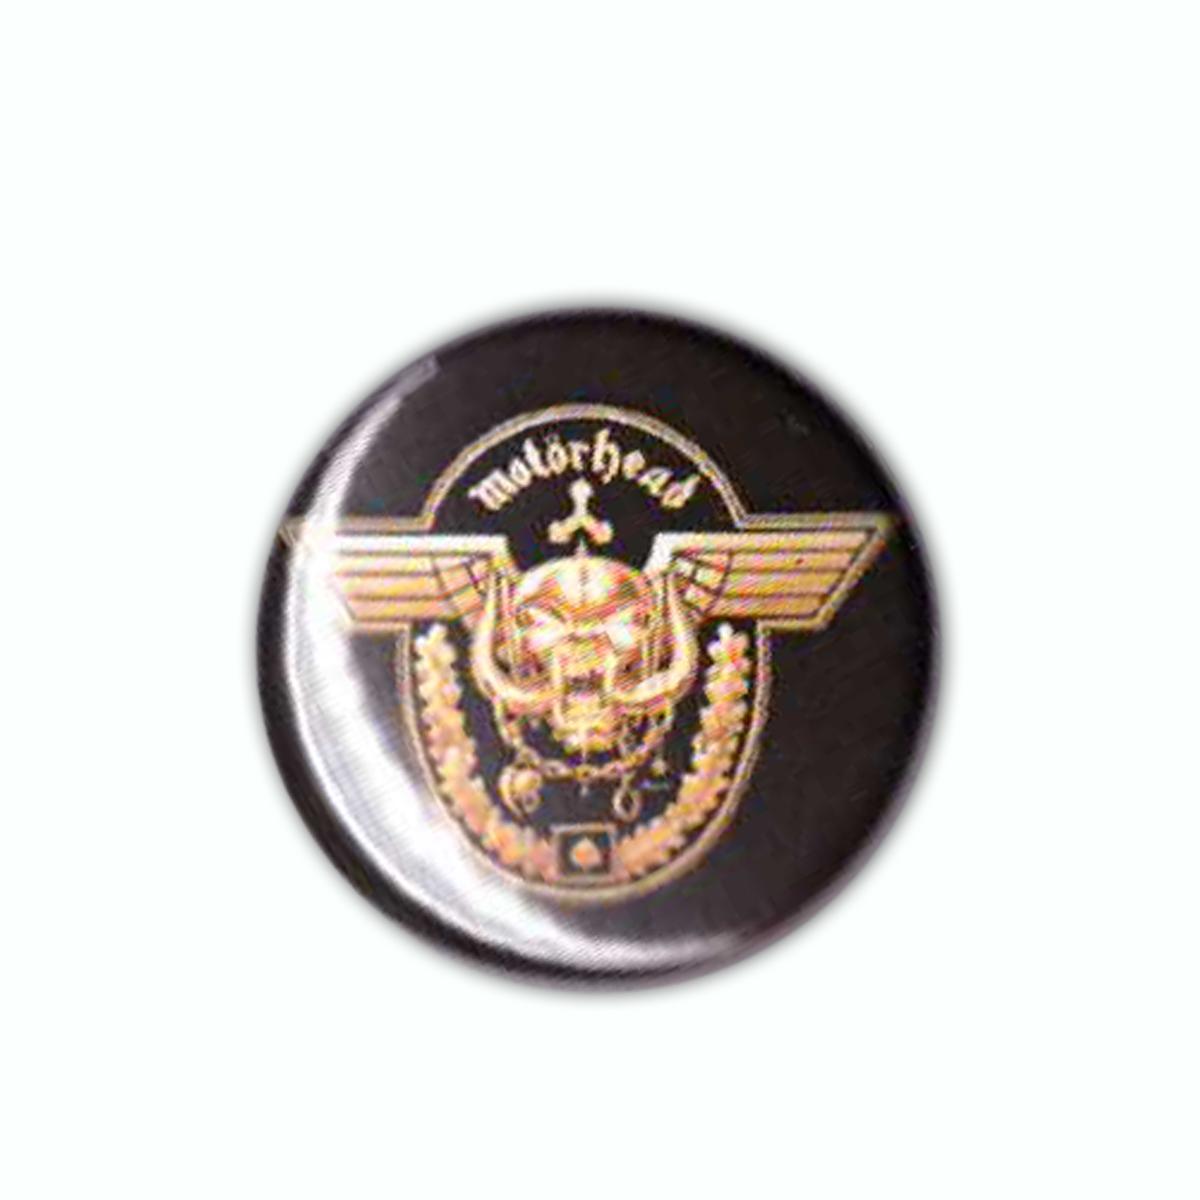 Motörhead 1916 Button Nix Gut Mailorder